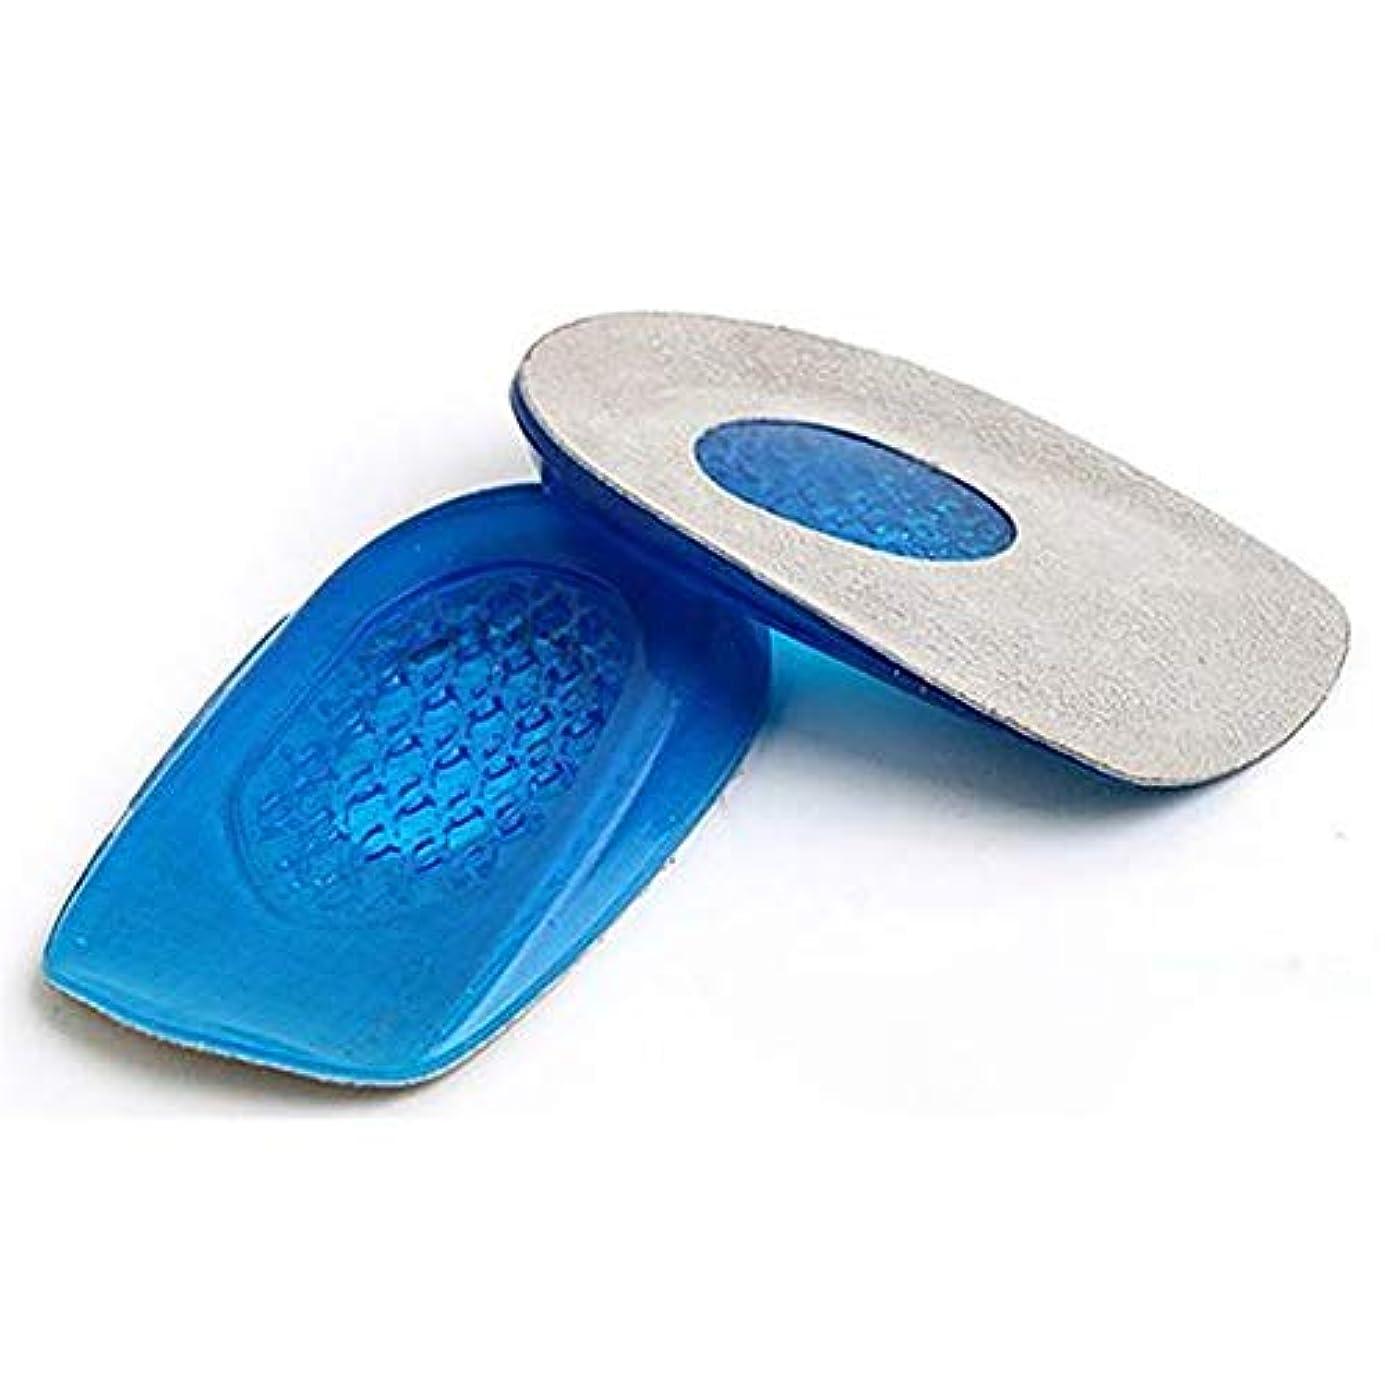 台風民族主義侵略女性のシリコーンゲルパッド靴かかとクッション痛み救済挿入インソール Shangxiangtrade (Color : Blue S)